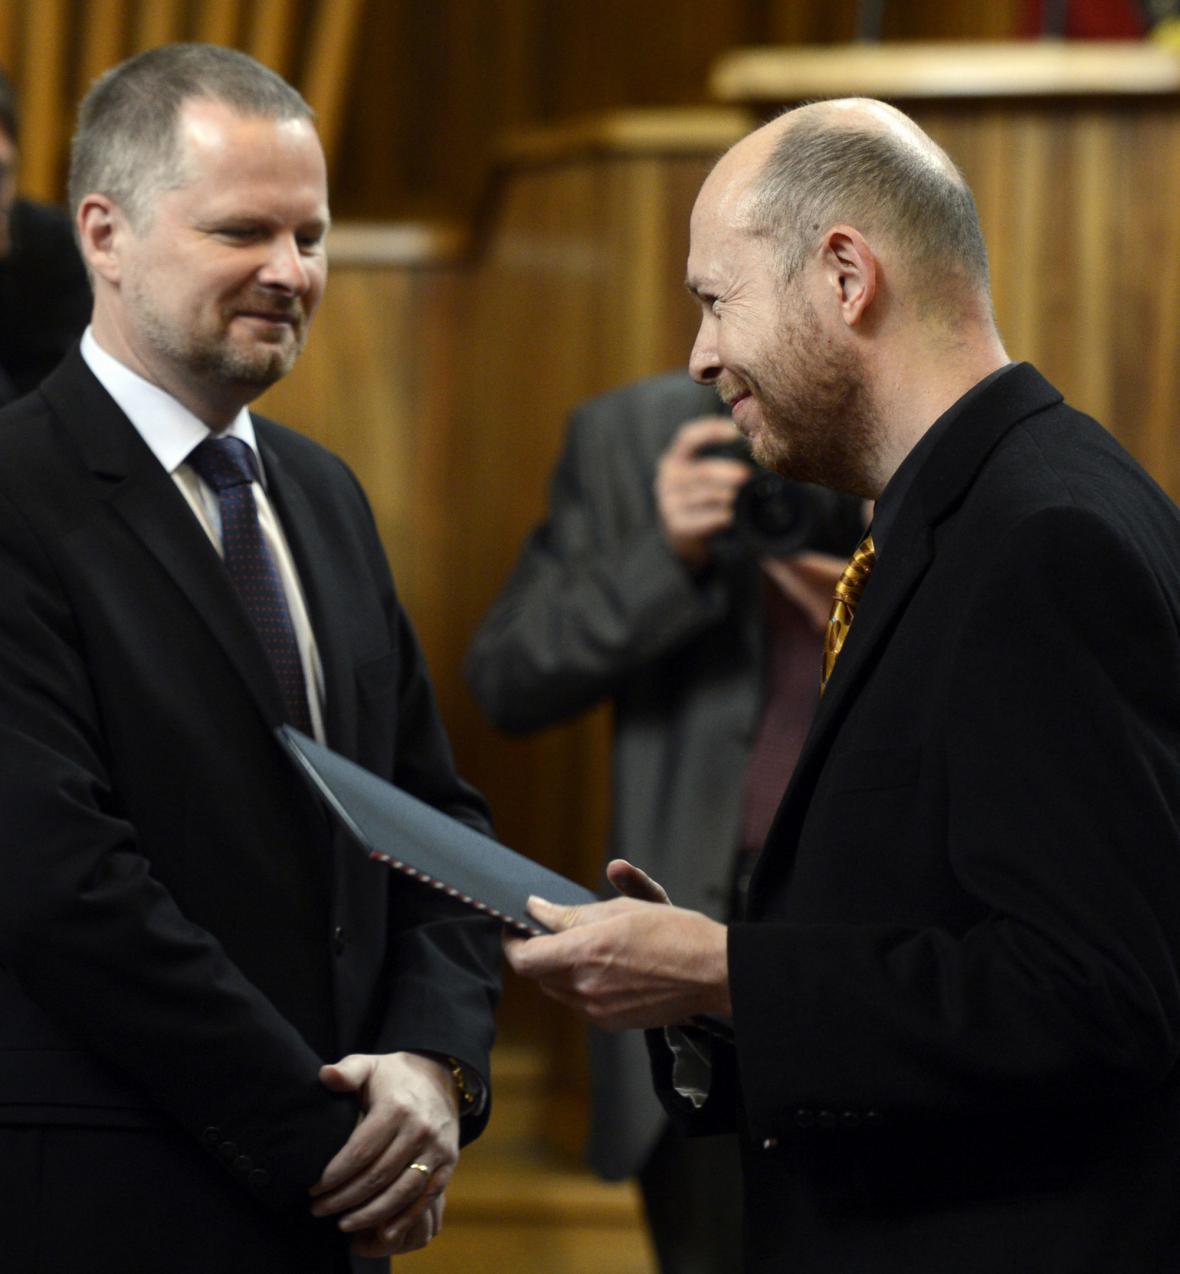 Ministr školství Petr Fiala (vlevo) předává dekret profesoru Martinu C. Putnovi (vpravo)